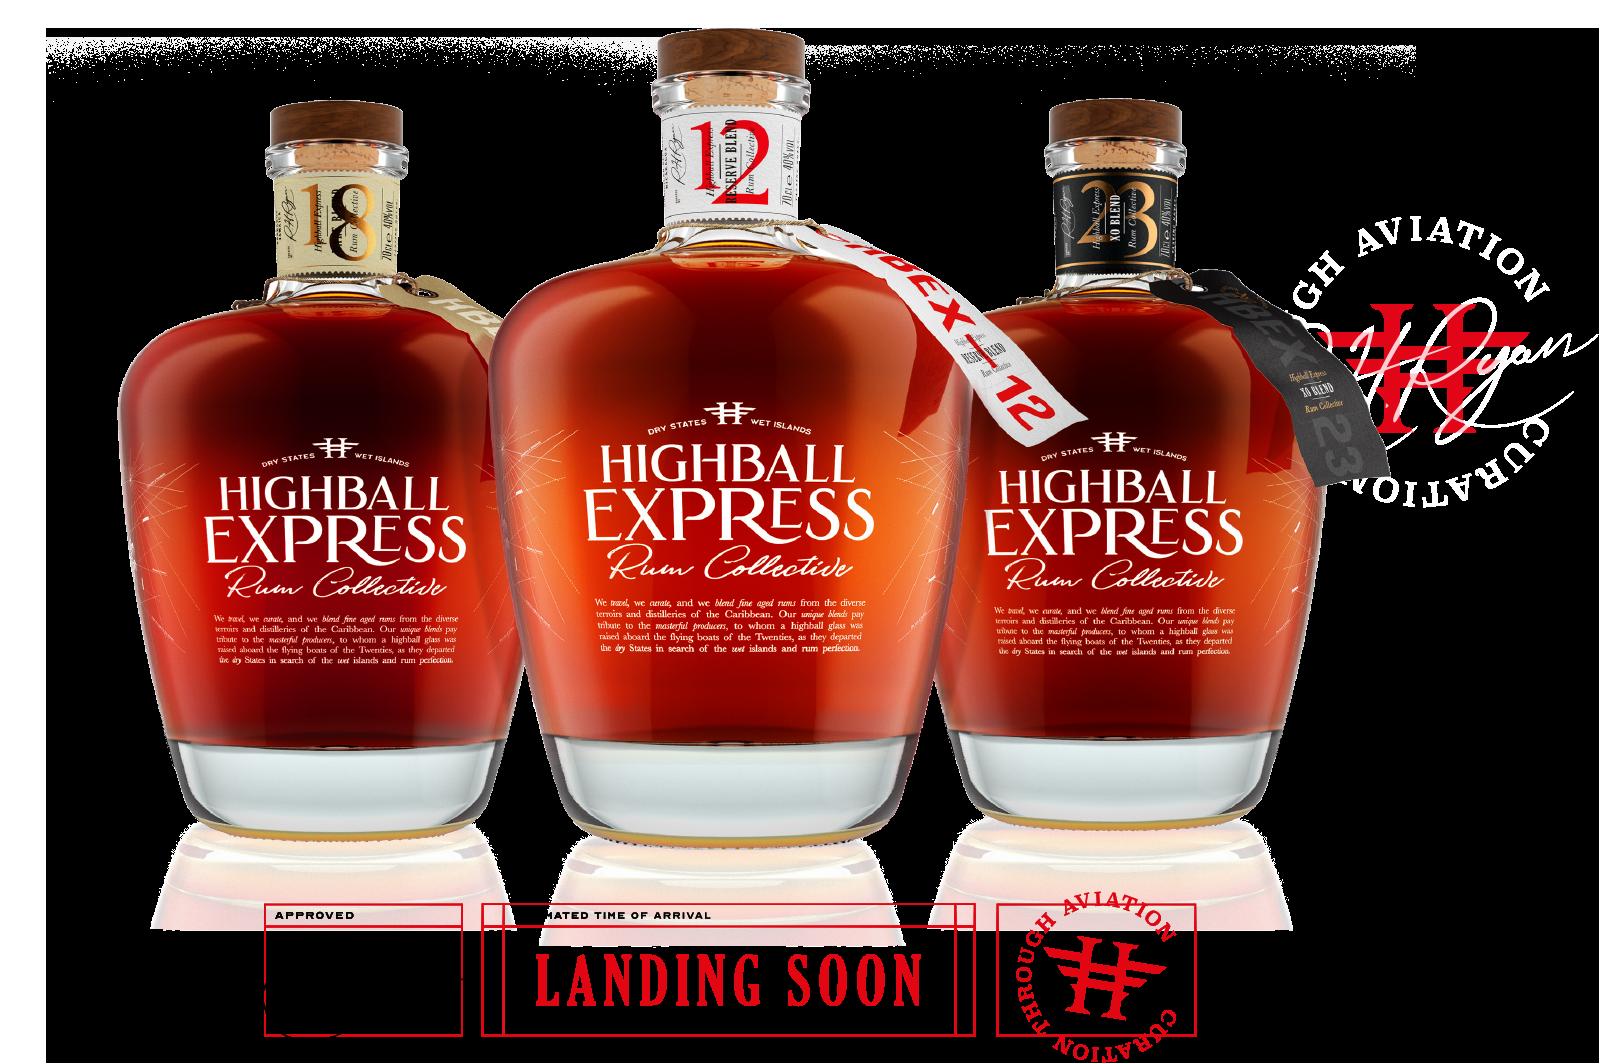 Highball Express - dokonalý blend z Karibiku